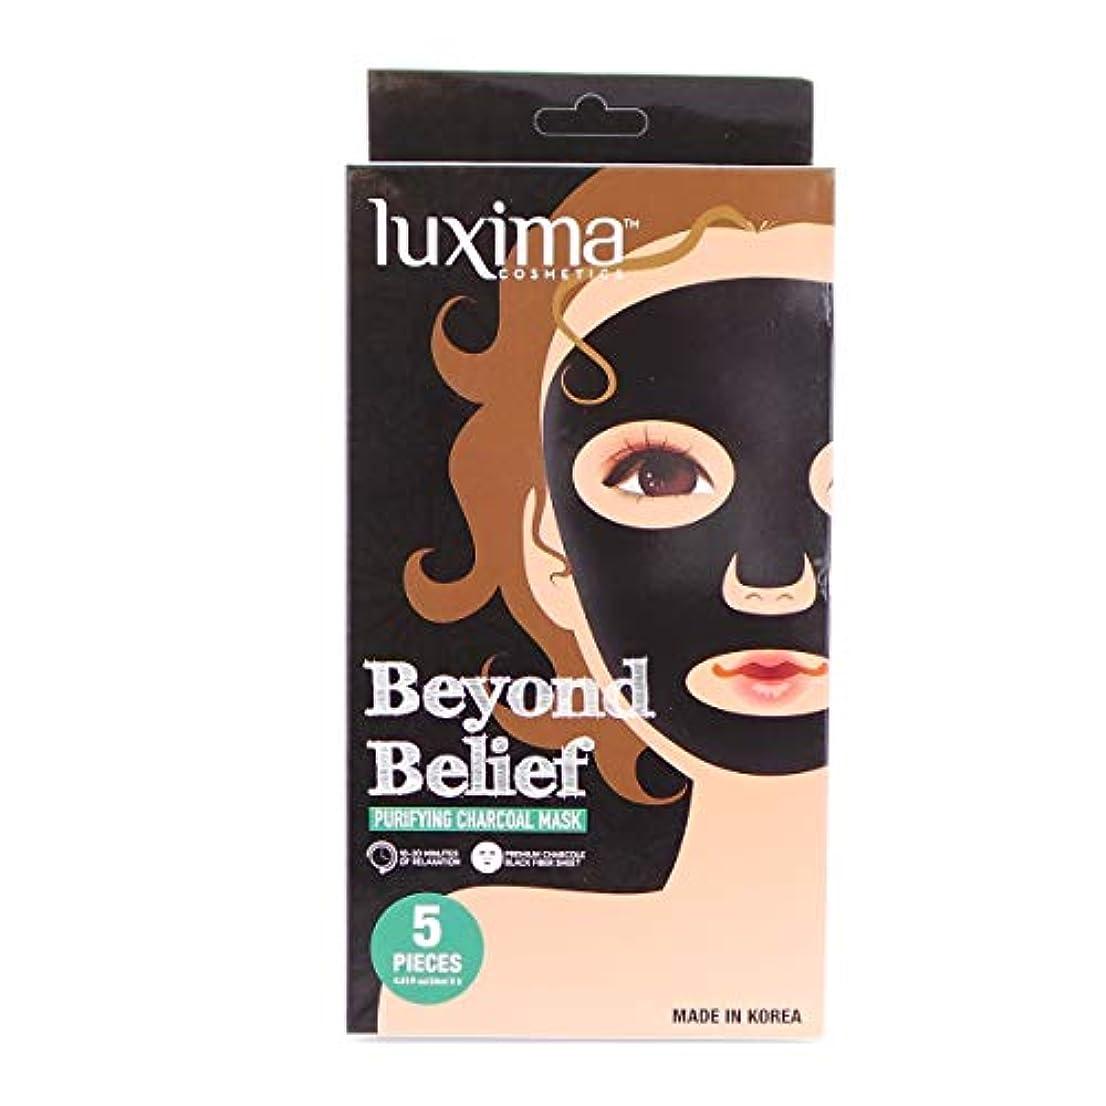 贅沢ビリーヤギ入力(3 Pack) LUXIMA Beyond Belief Purifying Charcoal Mask, Pack of 5 (並行輸入品)